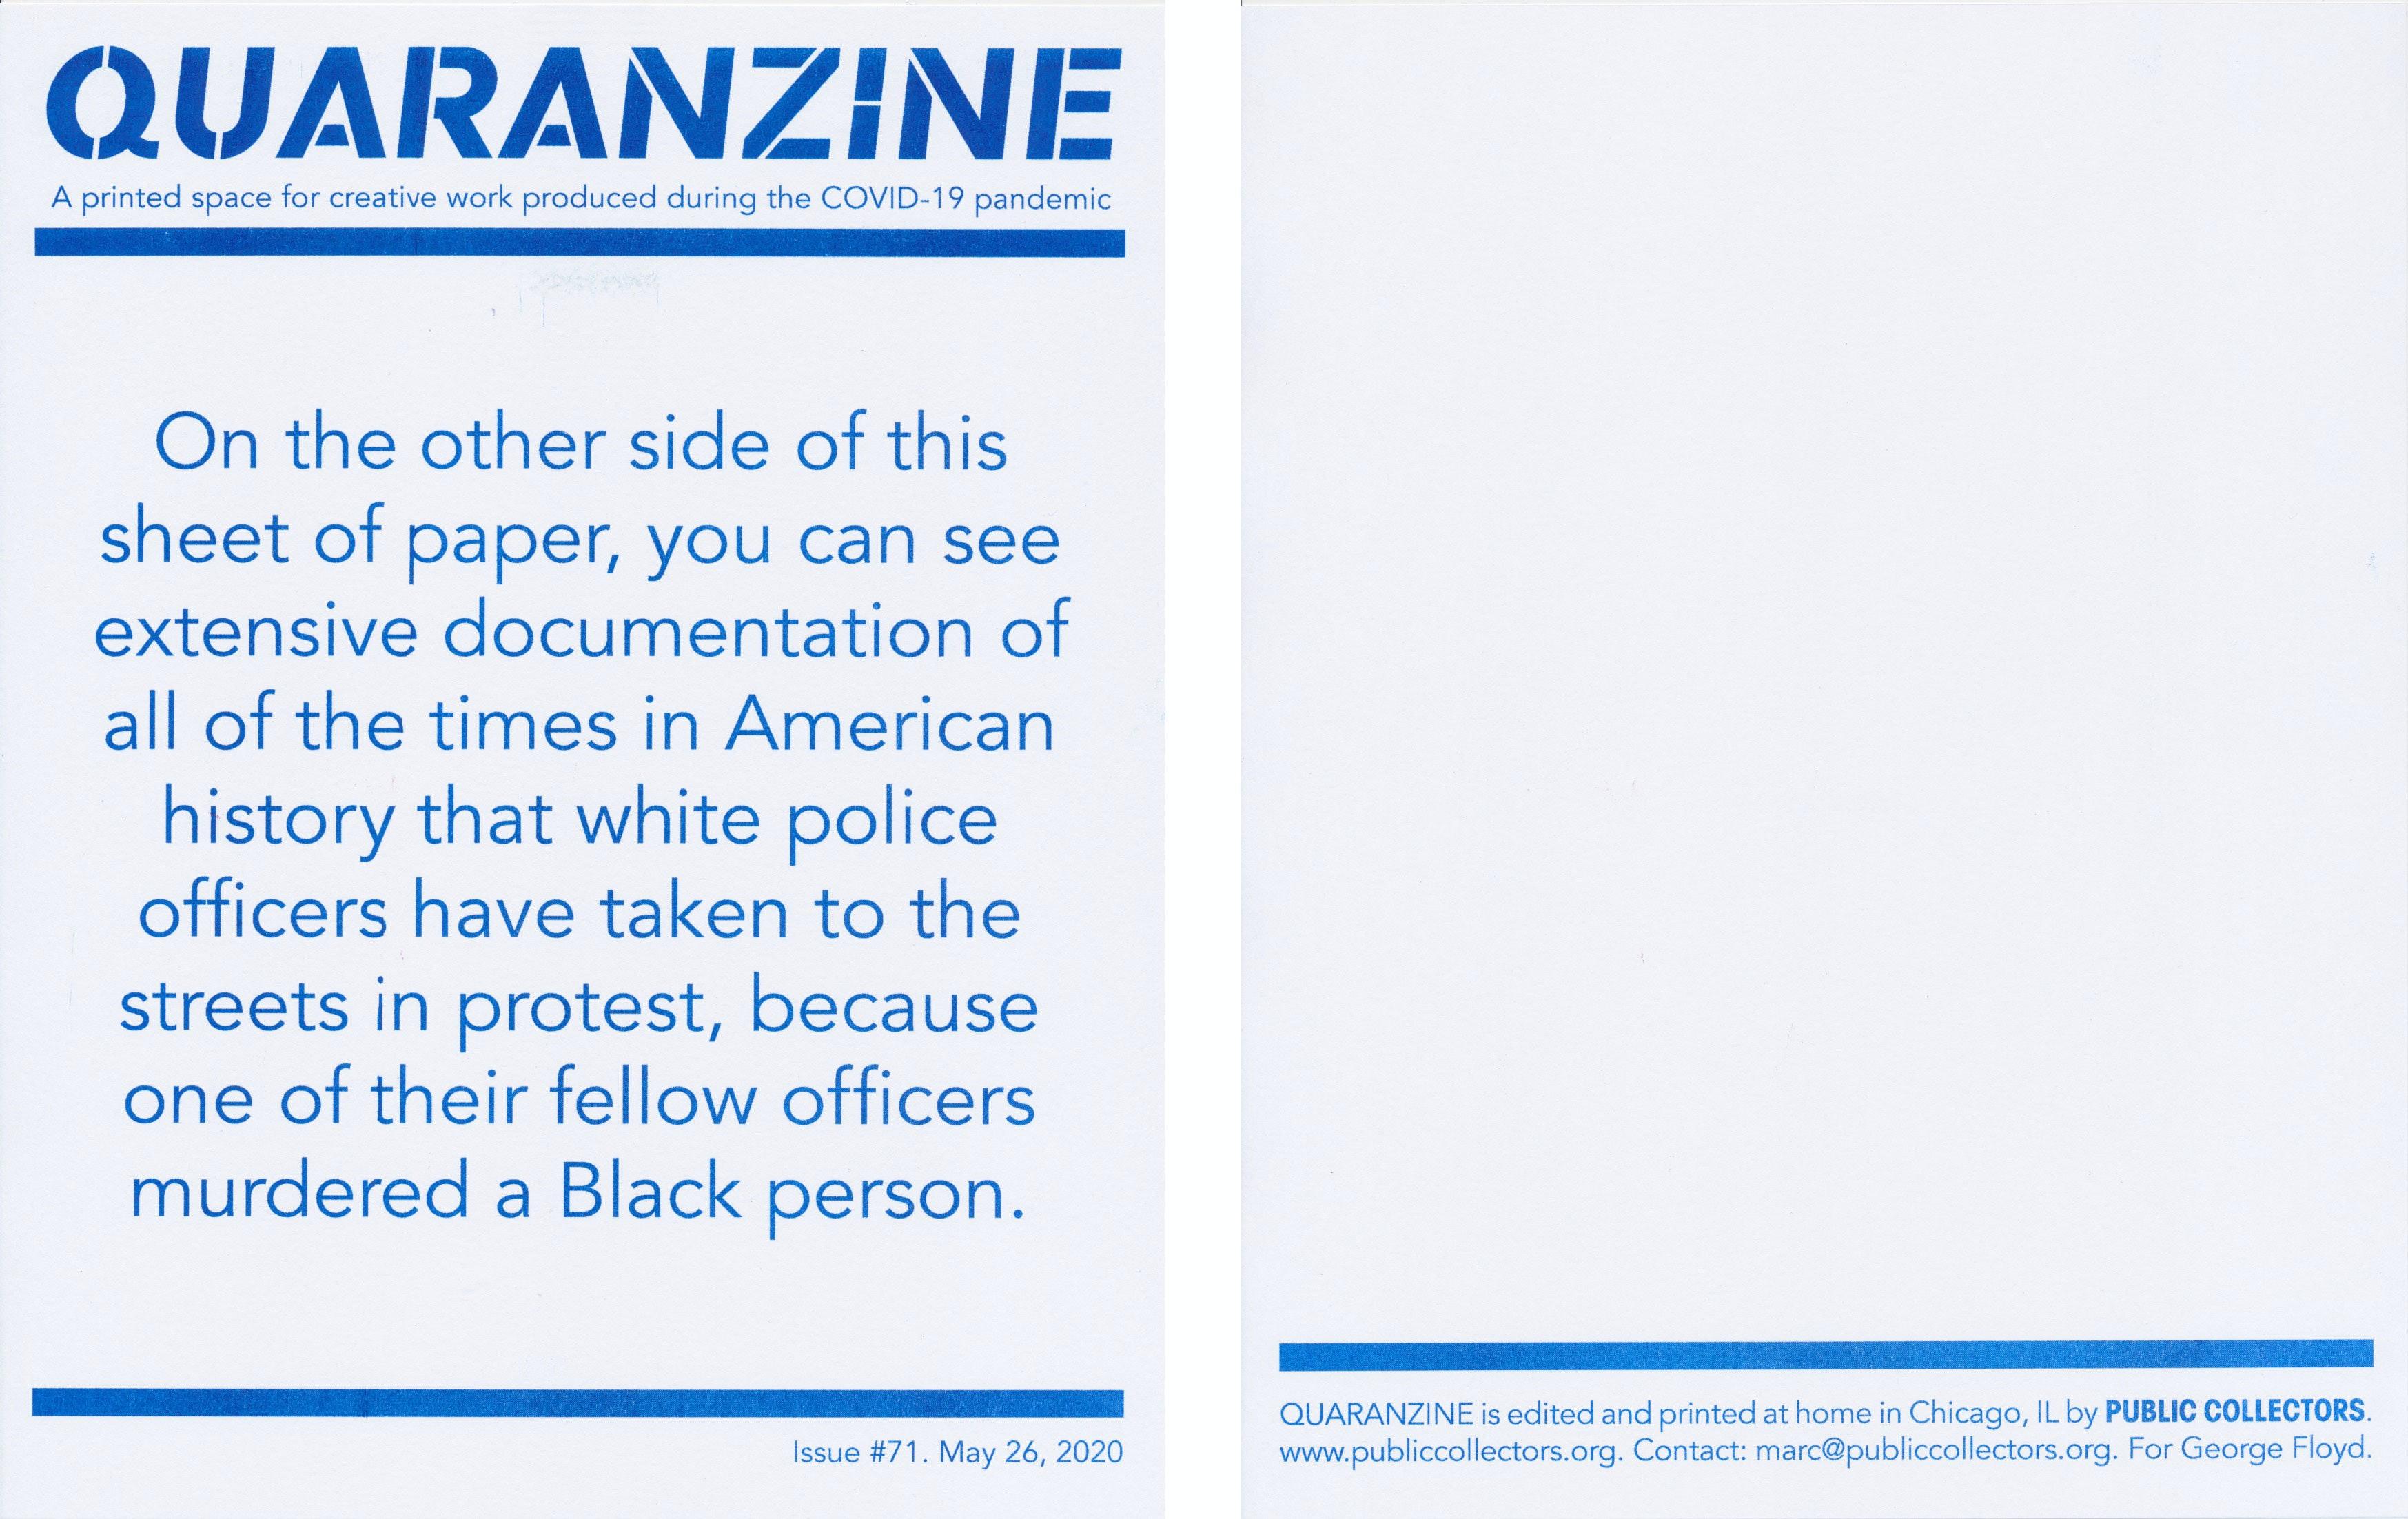 Quaranzine #71. Courtesy Public Collectors.